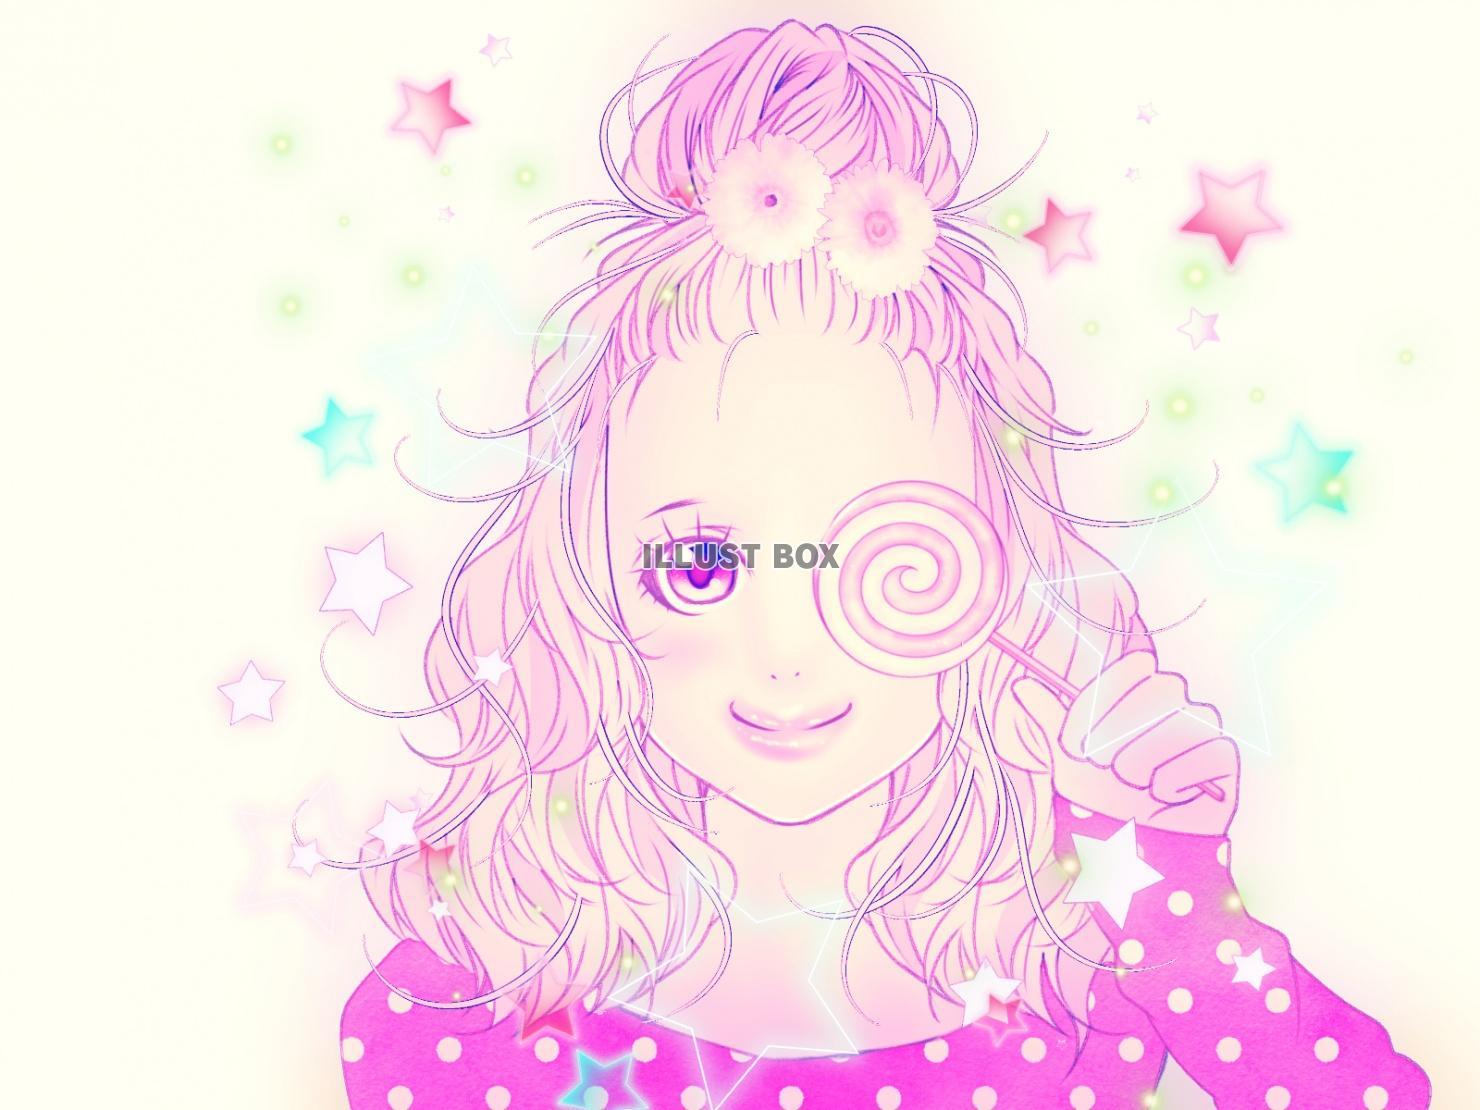 無料イラスト てっぺんお団子ヘアの女の子(ゆめかわいい加工)